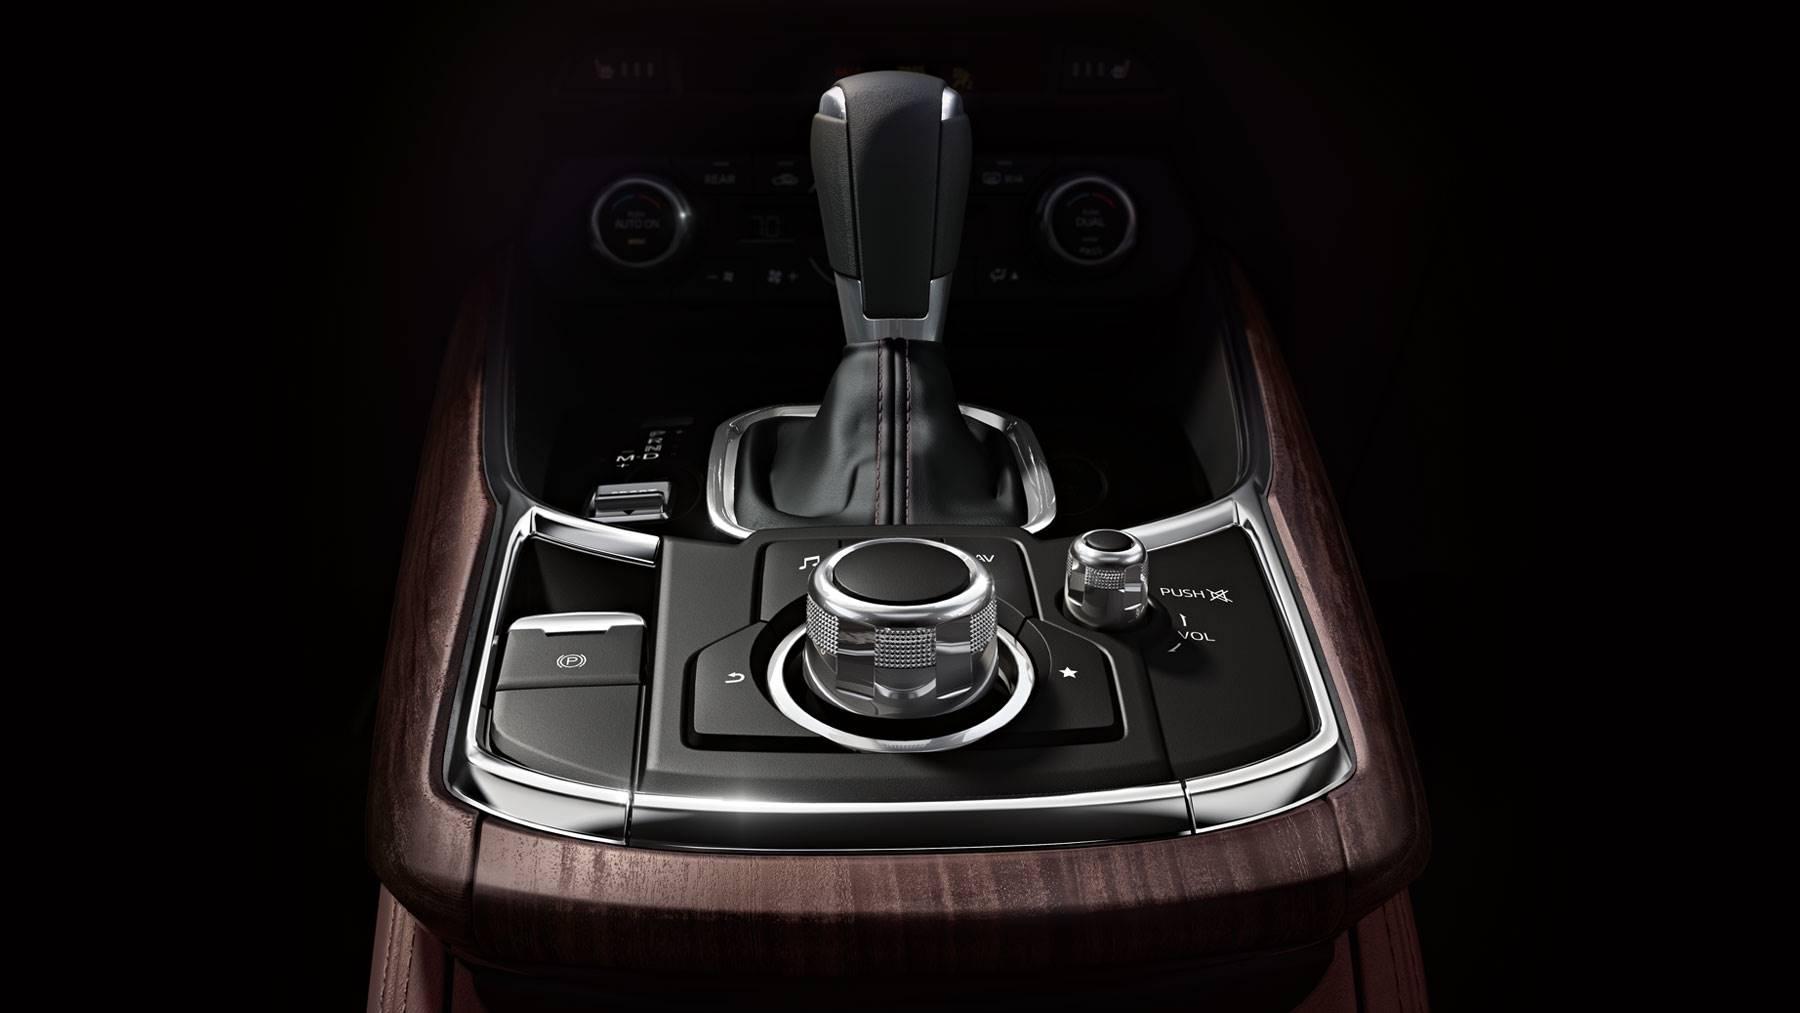 Gear Shift in the Mazda CX-9